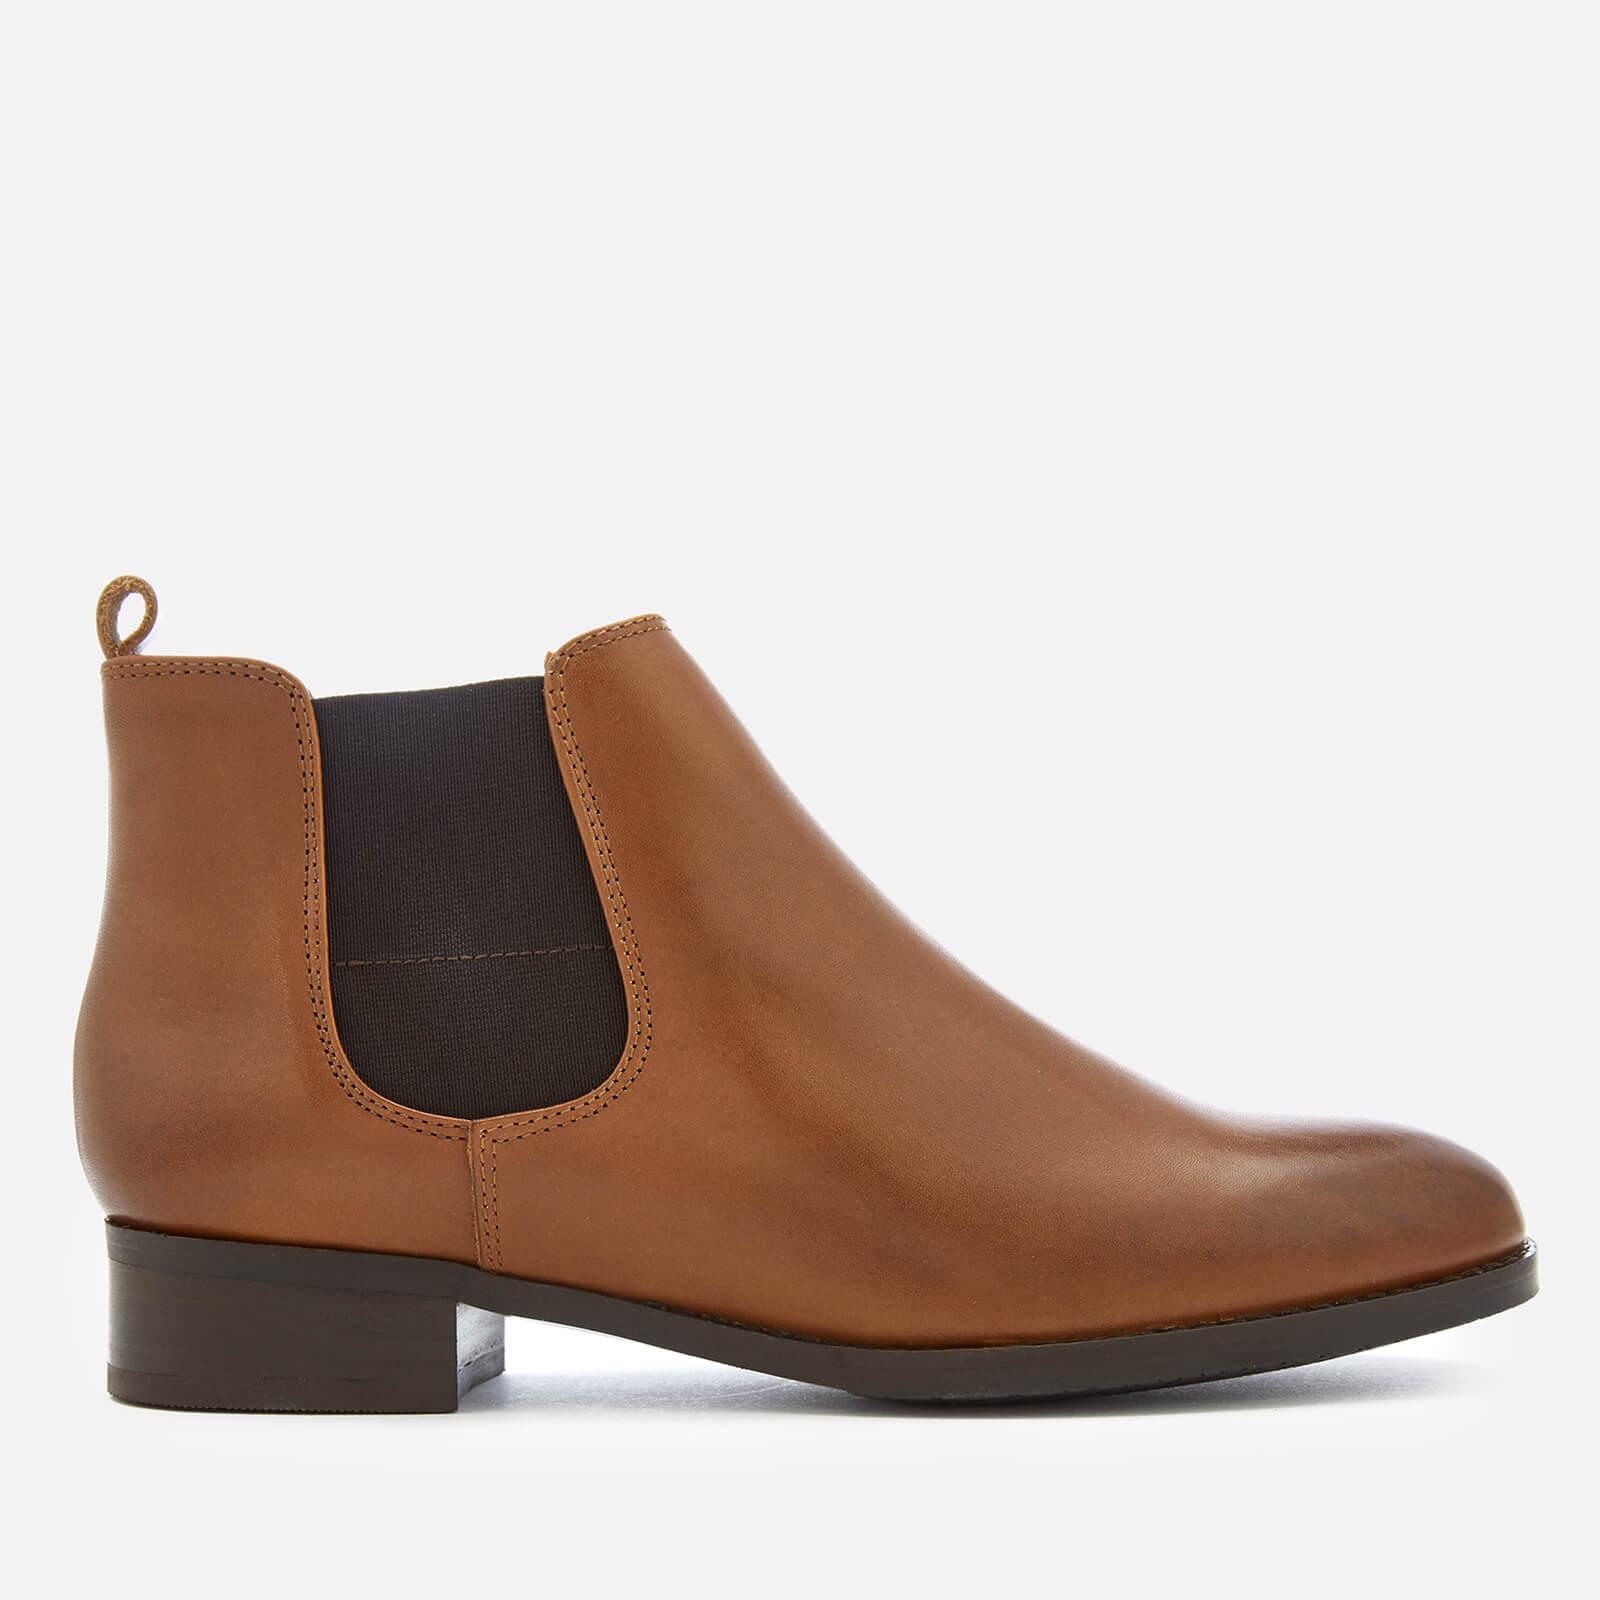 668b93aeb Clarks Women s Netley Ella Leather Chelsea Boots - Tan Womens Footwear